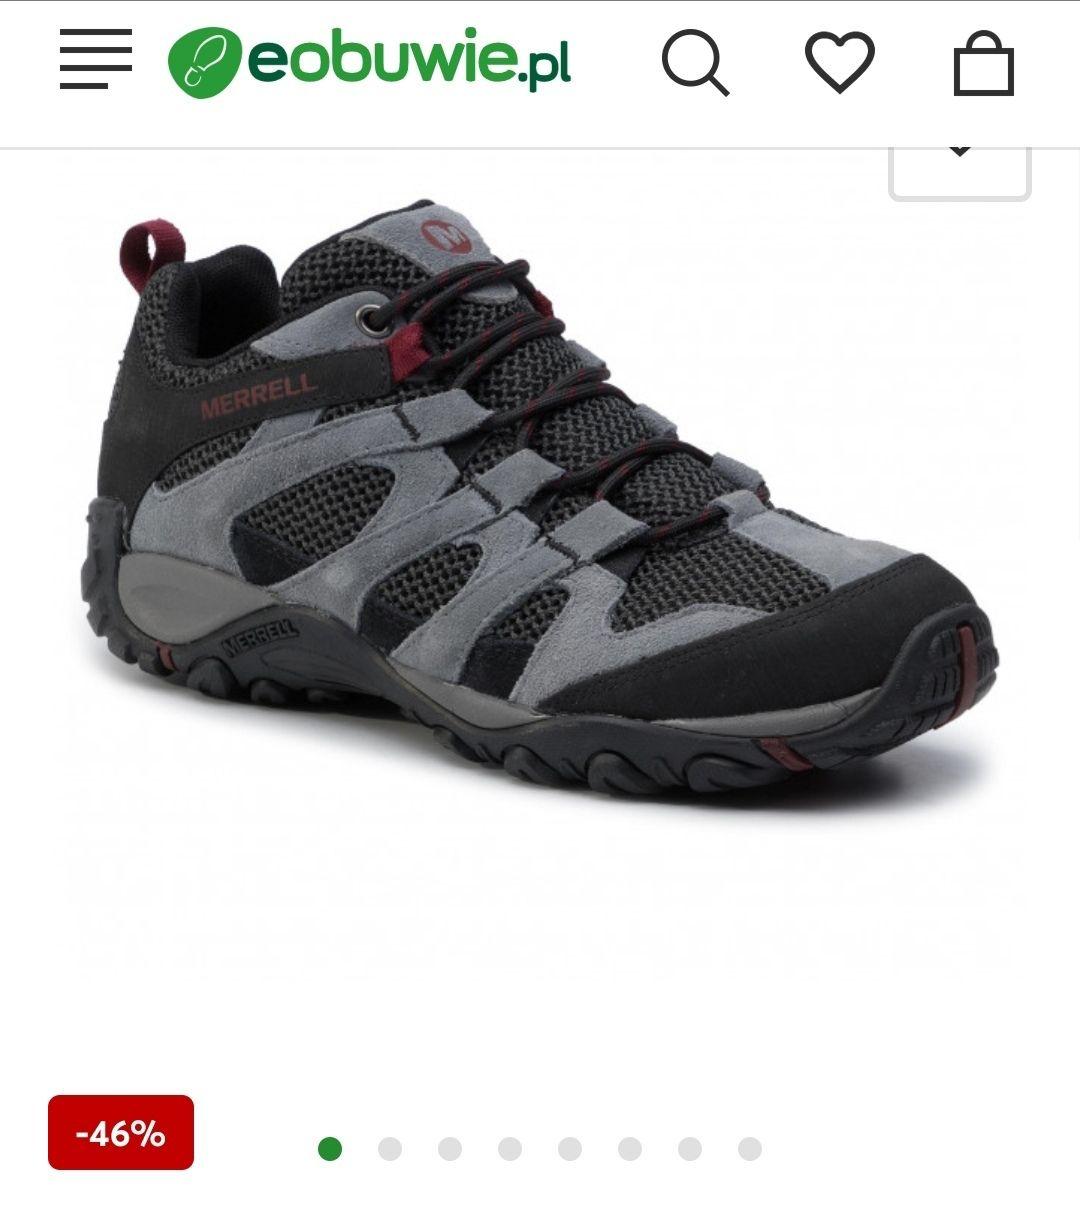 Buty trekkingowe męskie MERREL Alverstone - pełna rozmiarówka